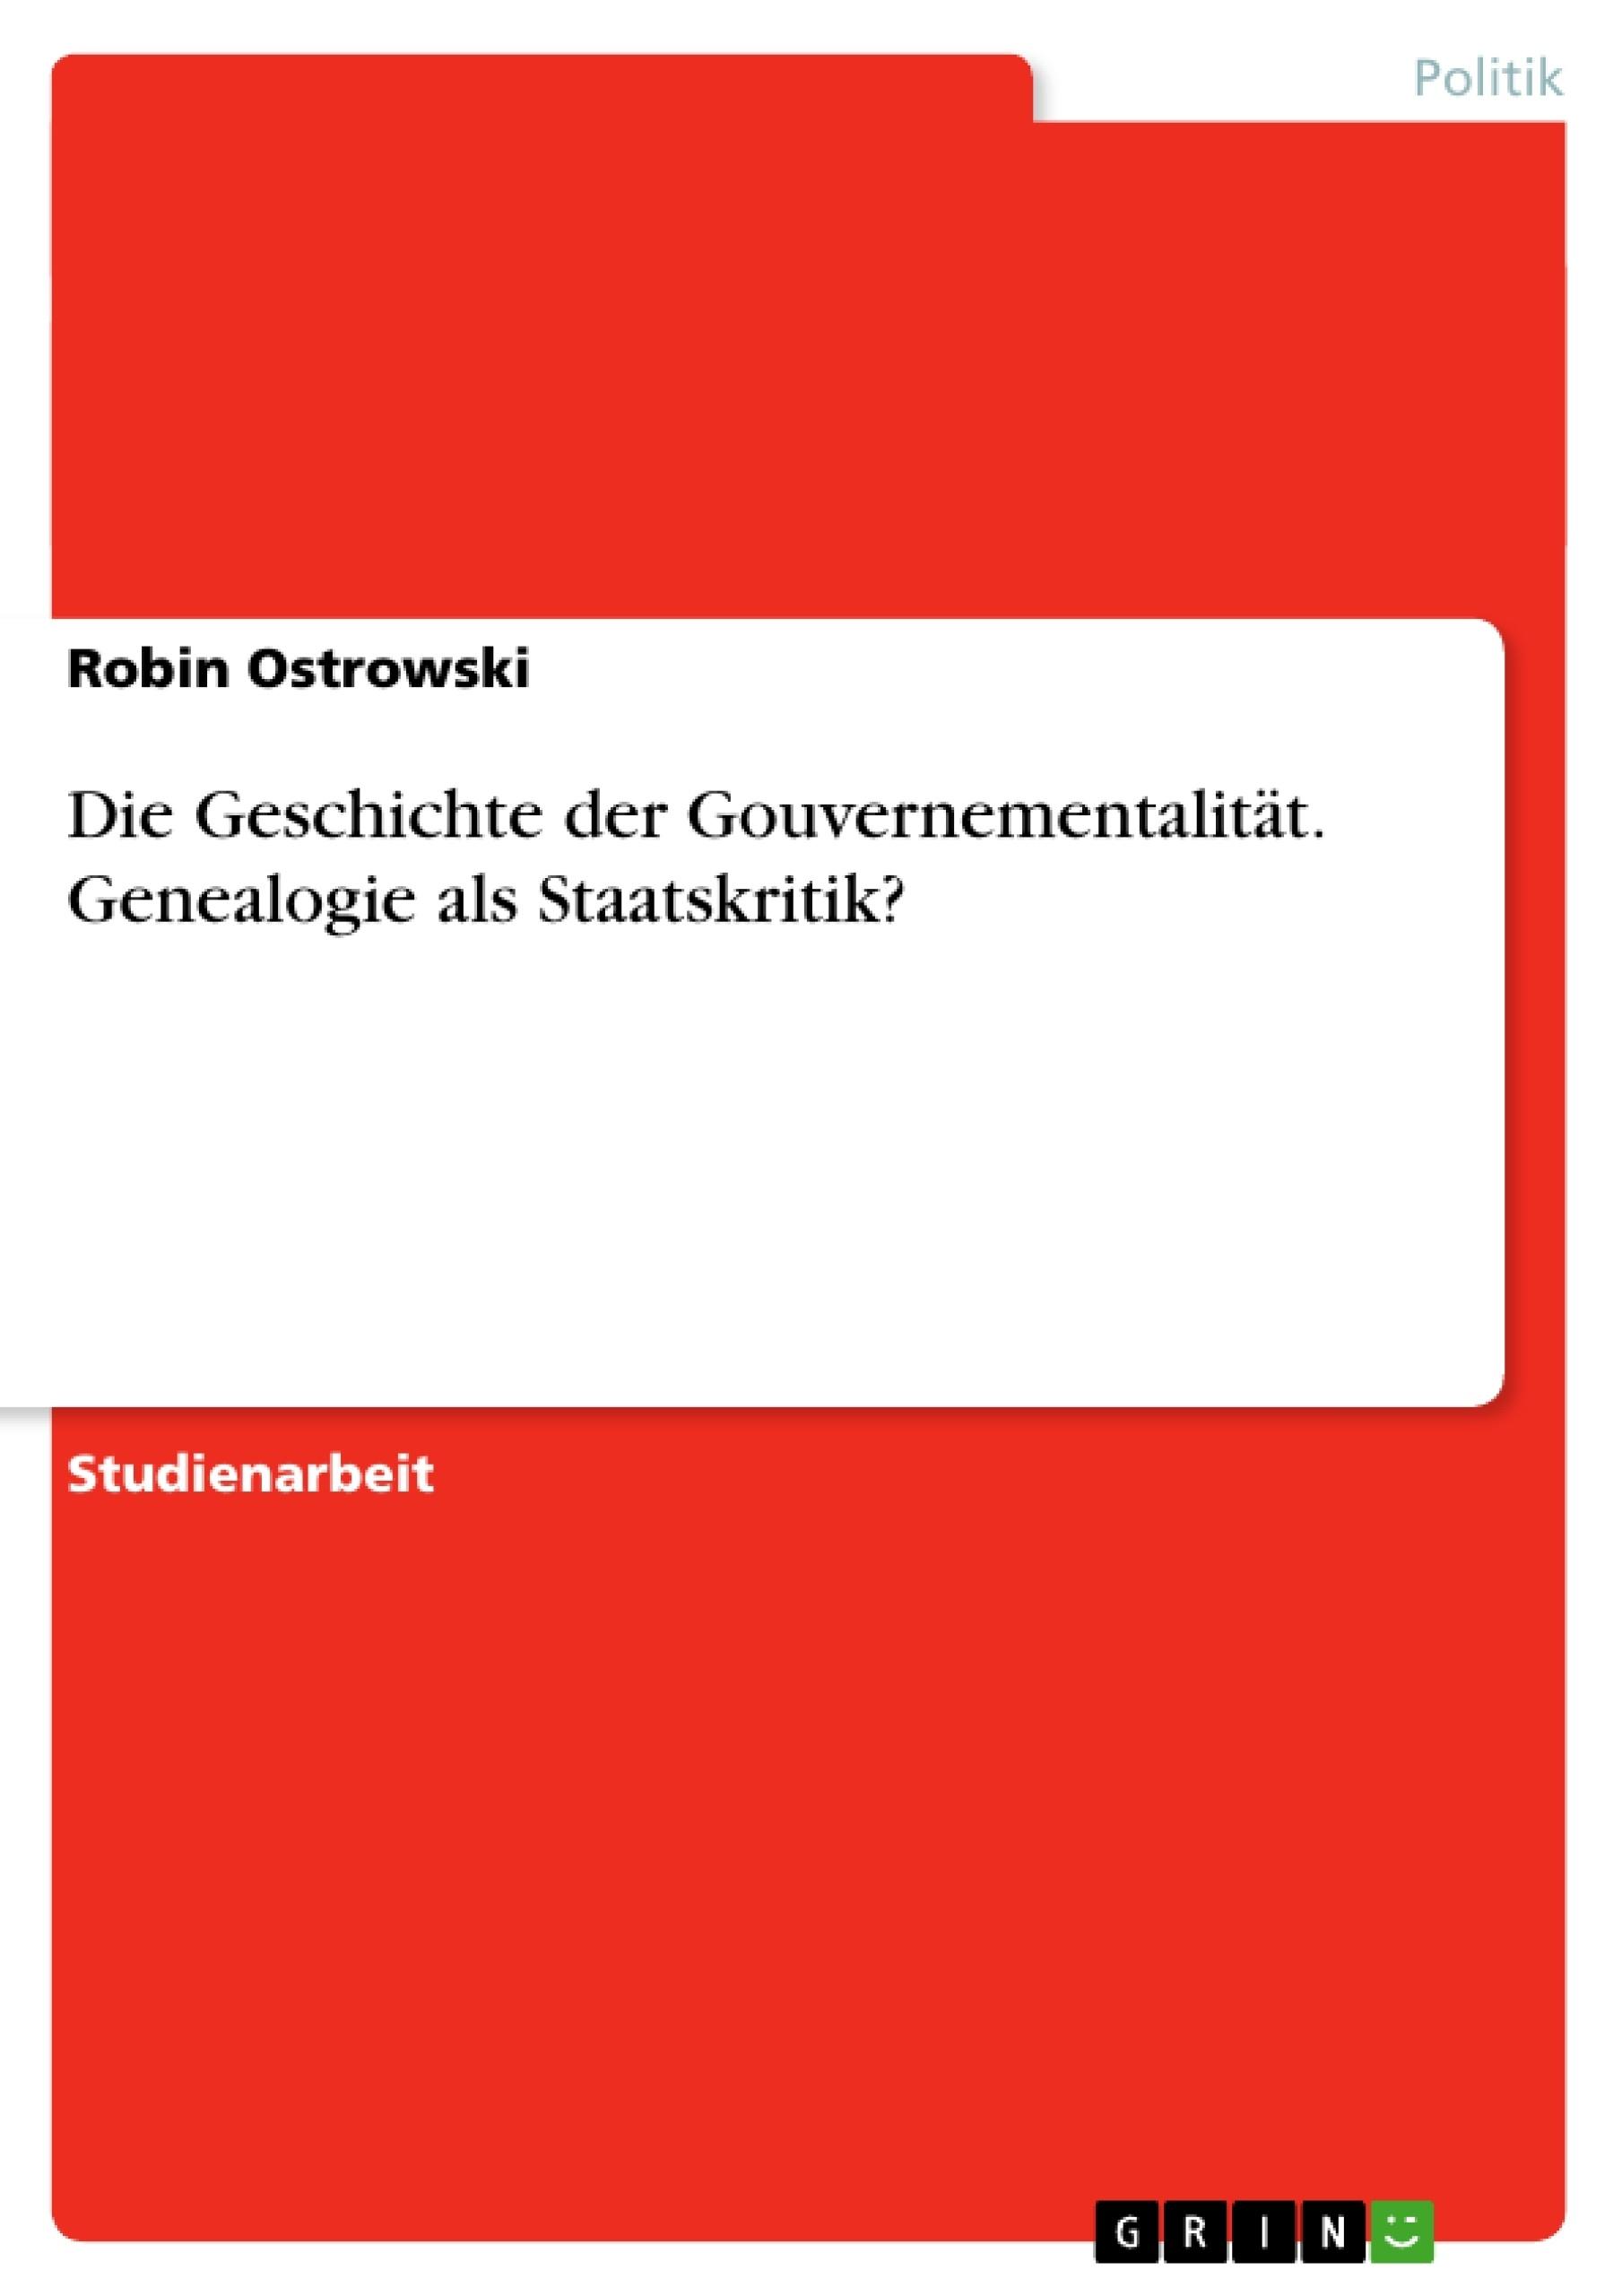 Titel: Die Geschichte der Gouvernementalität. Genealogie als Staatskritik?